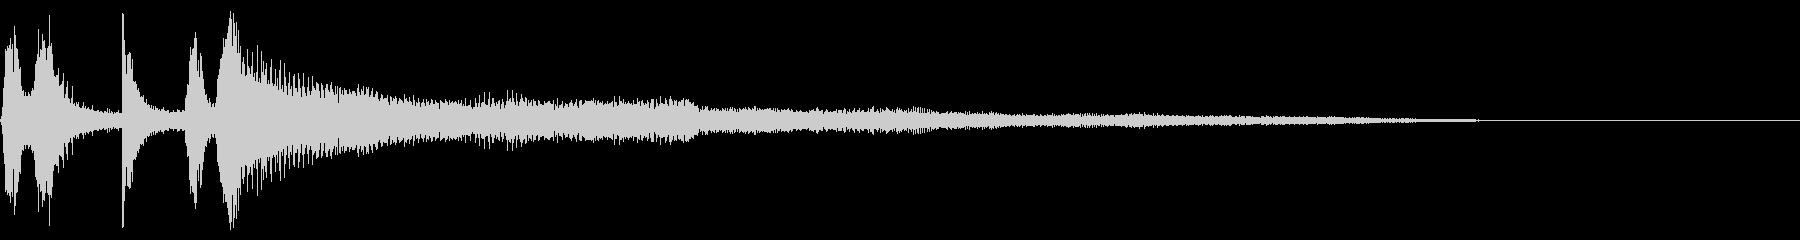 ストリングトレイルのリズムフィギュアの未再生の波形